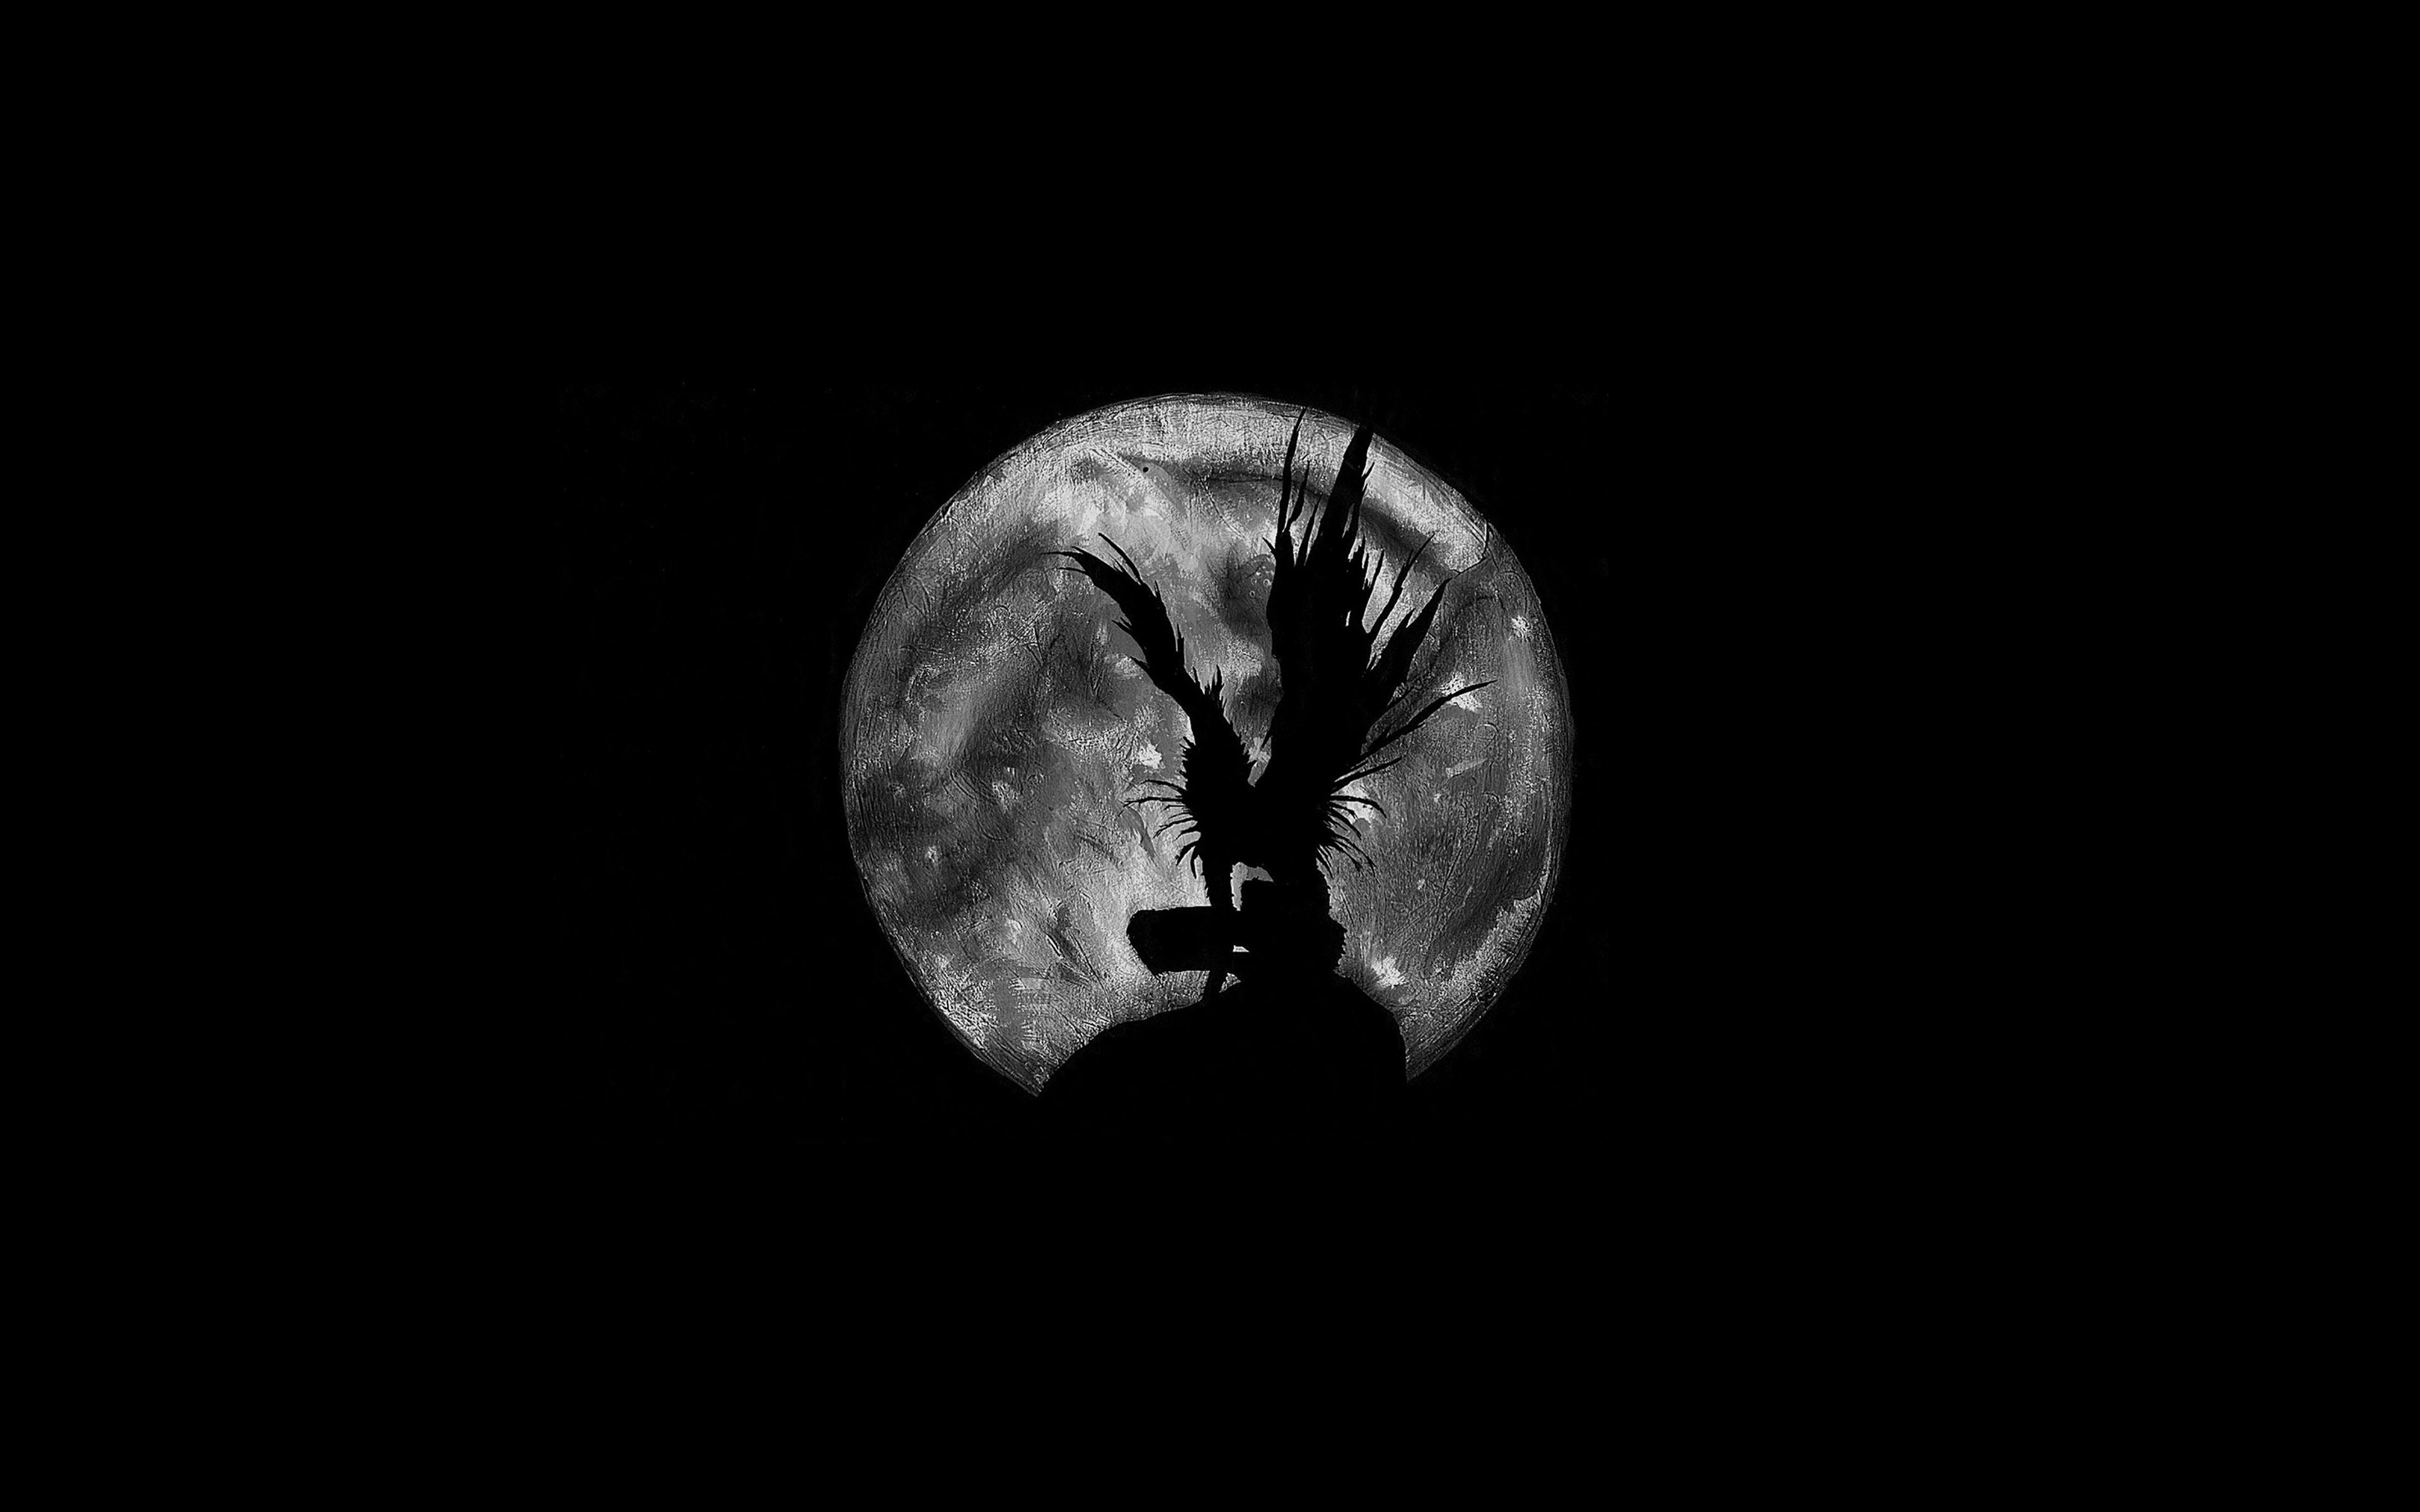 ad62-death-note-moon-illust